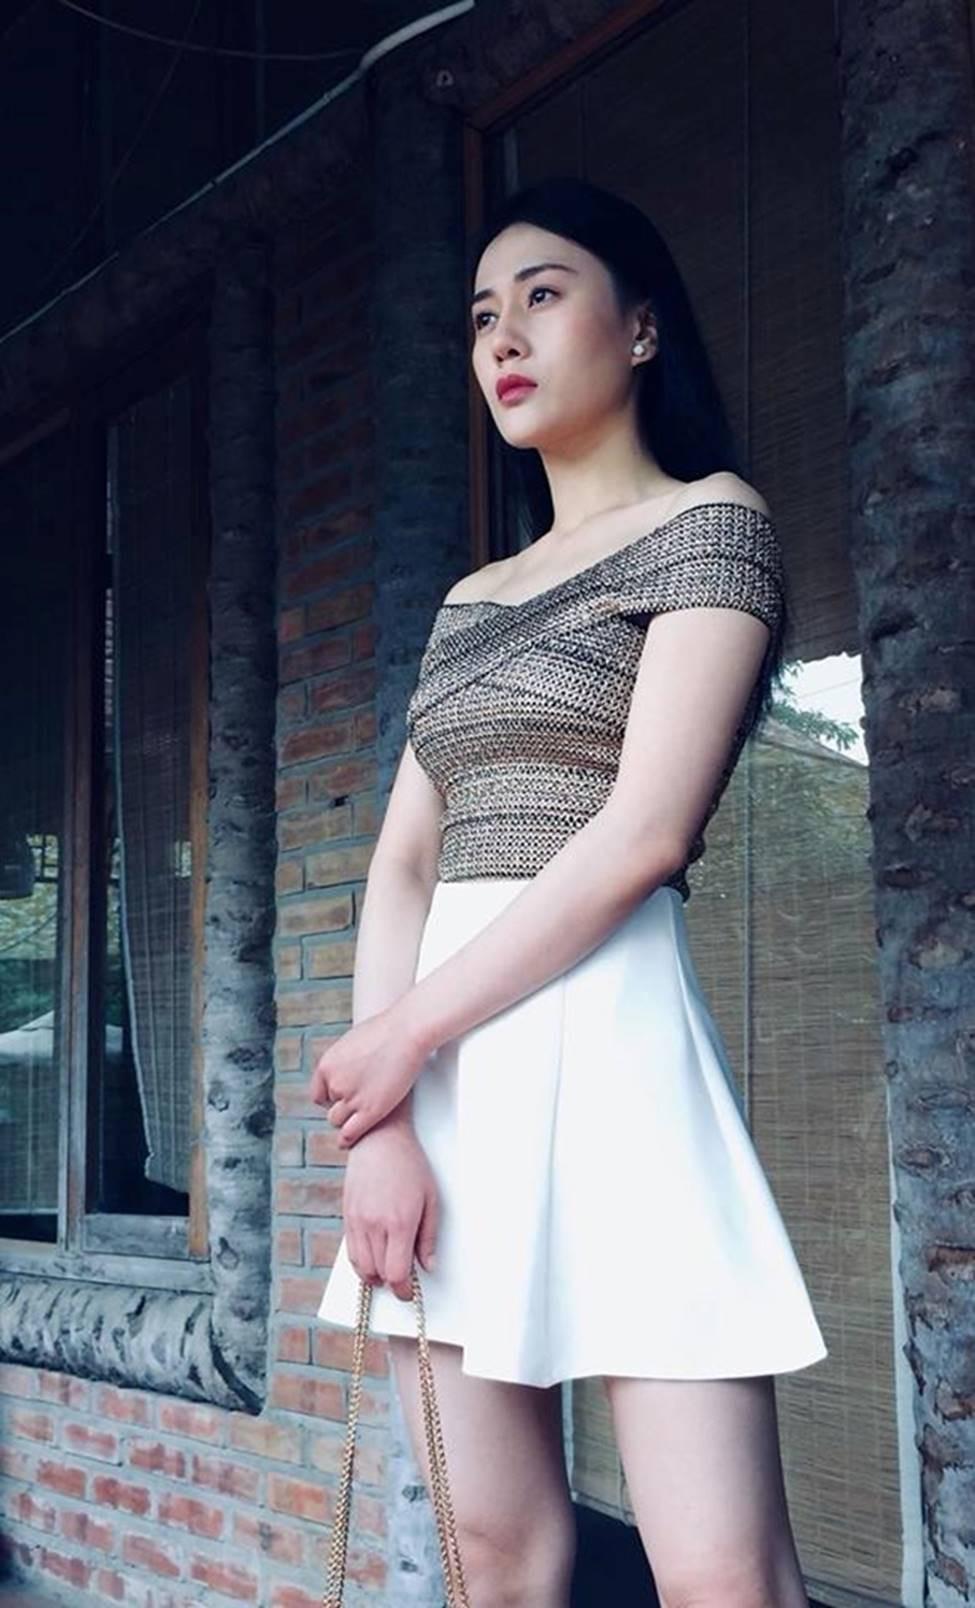 """Nhờ Quỳnh Búp Bê mà các shop online đắt hàng, thi nhau đăng bán mẫu áo """"hot hit"""" này - Ảnh 1."""